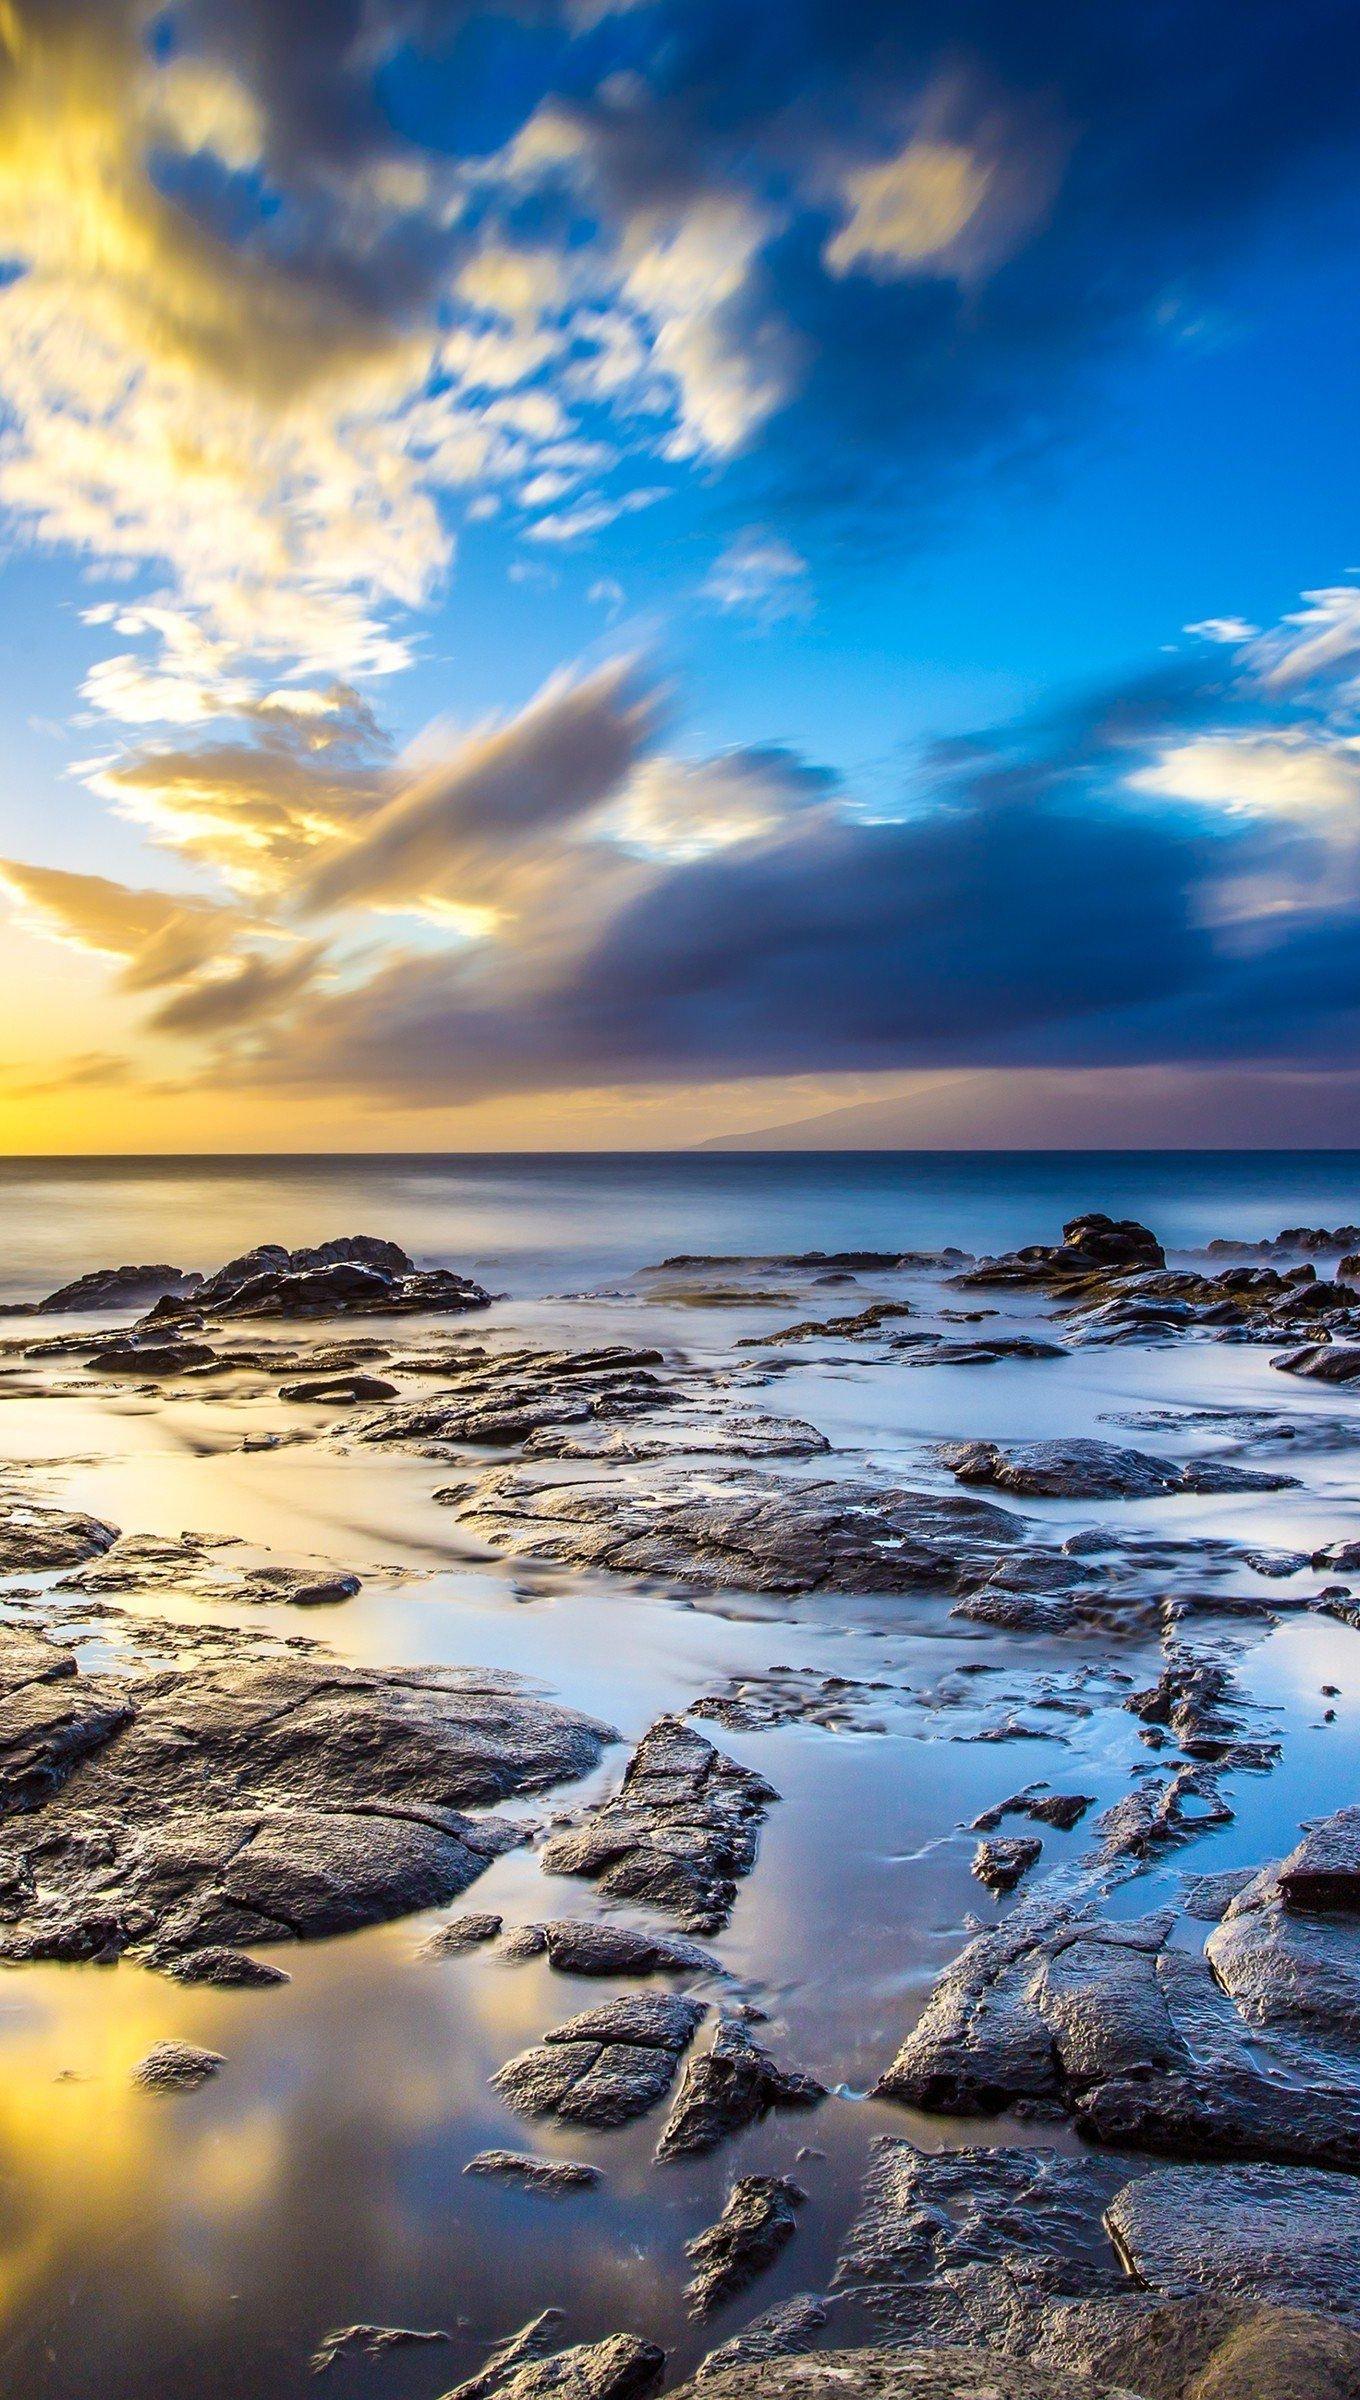 Fondos de pantalla Hawaii puesta de sol Vertical